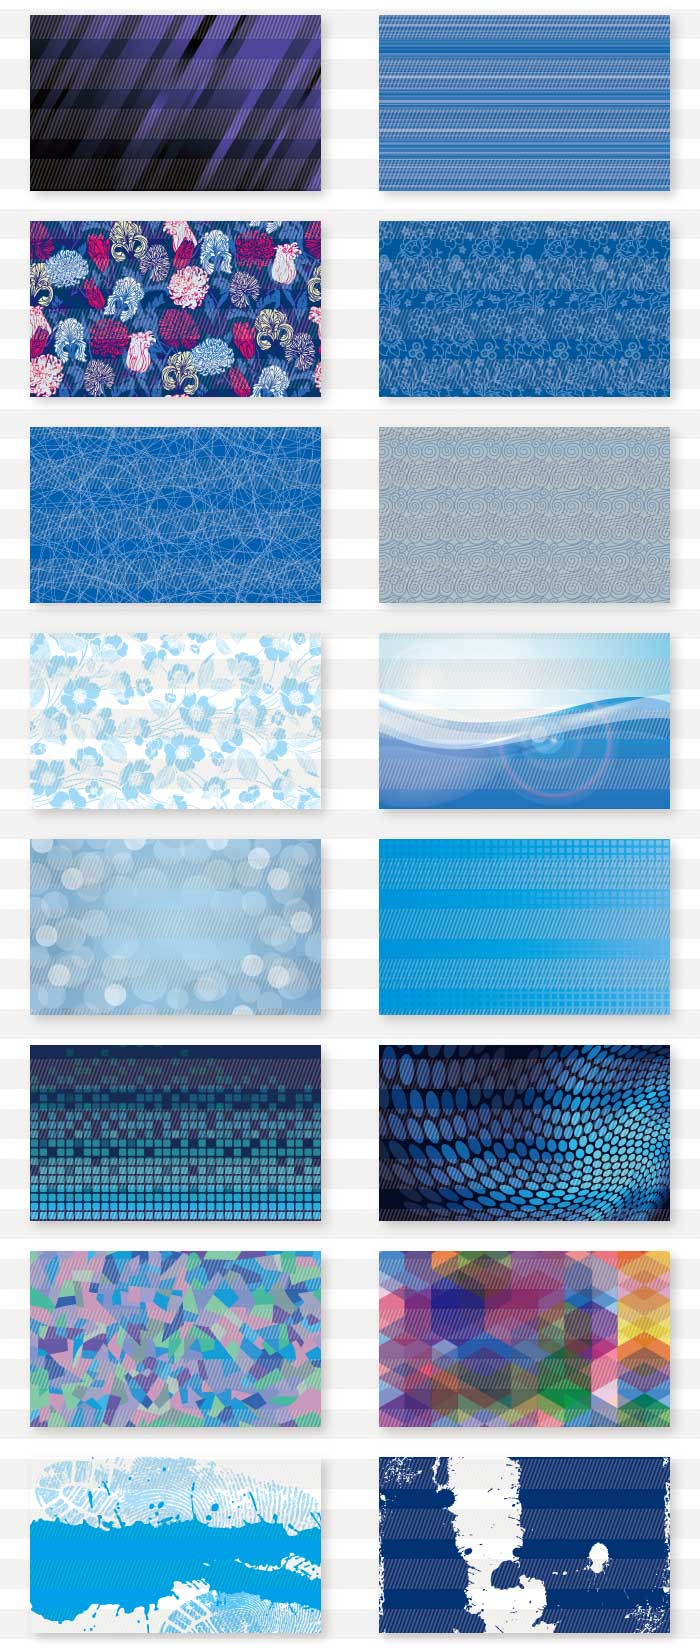 青・紺・水色のカード・名刺背景